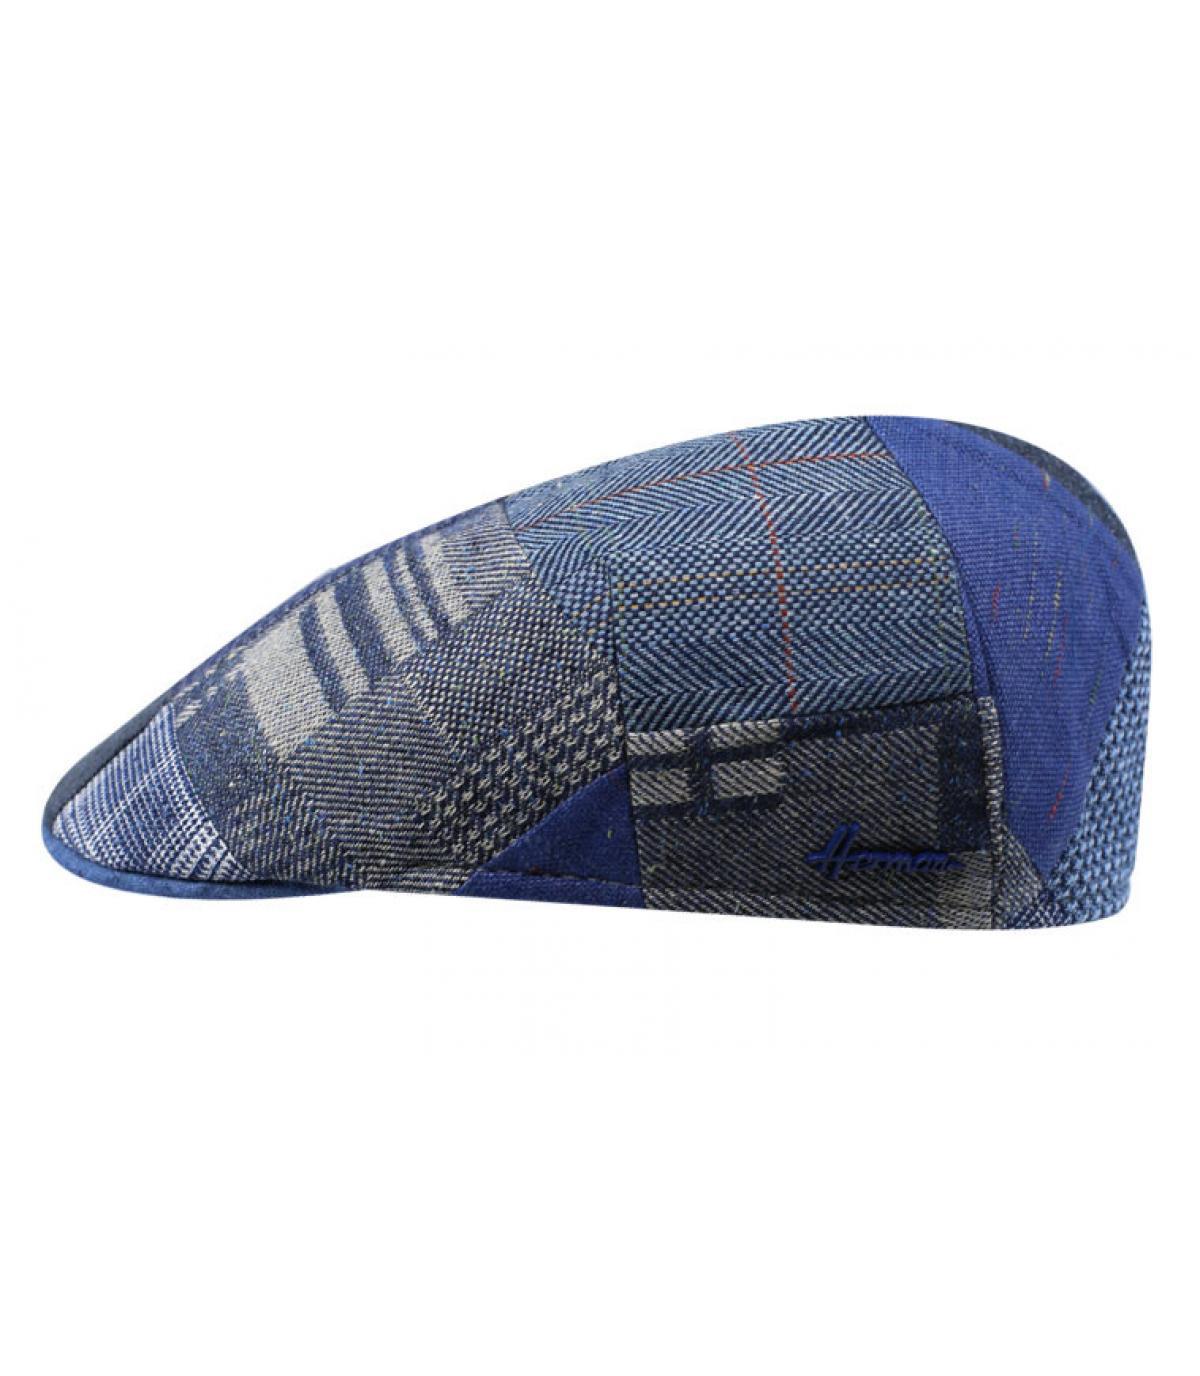 Détails Boxer Patch blue - image 2